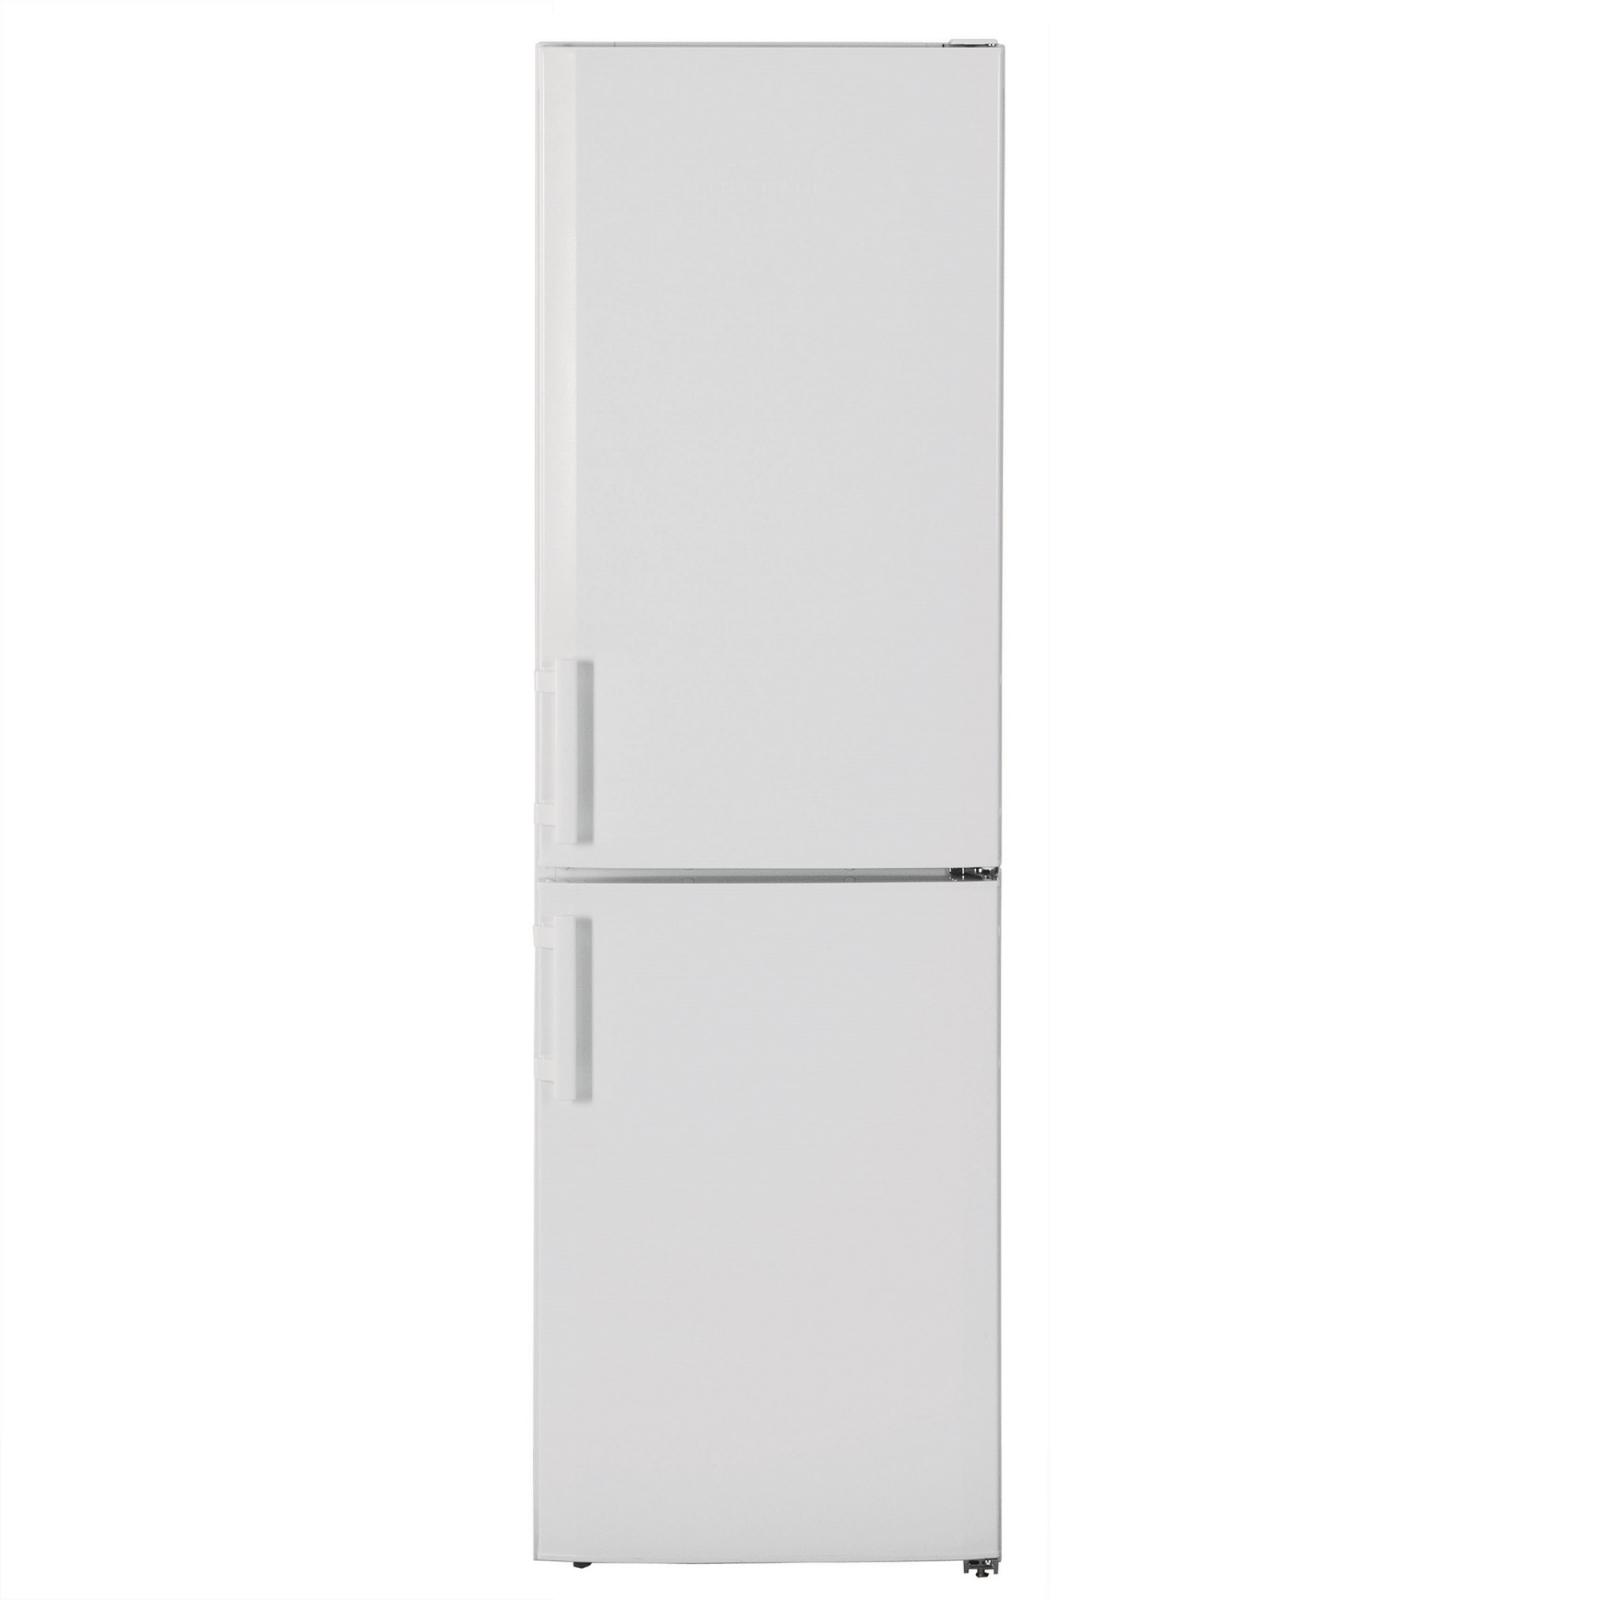 купить Двухкамерный холодильник Liebherr CUN 3033 Украина фото 2